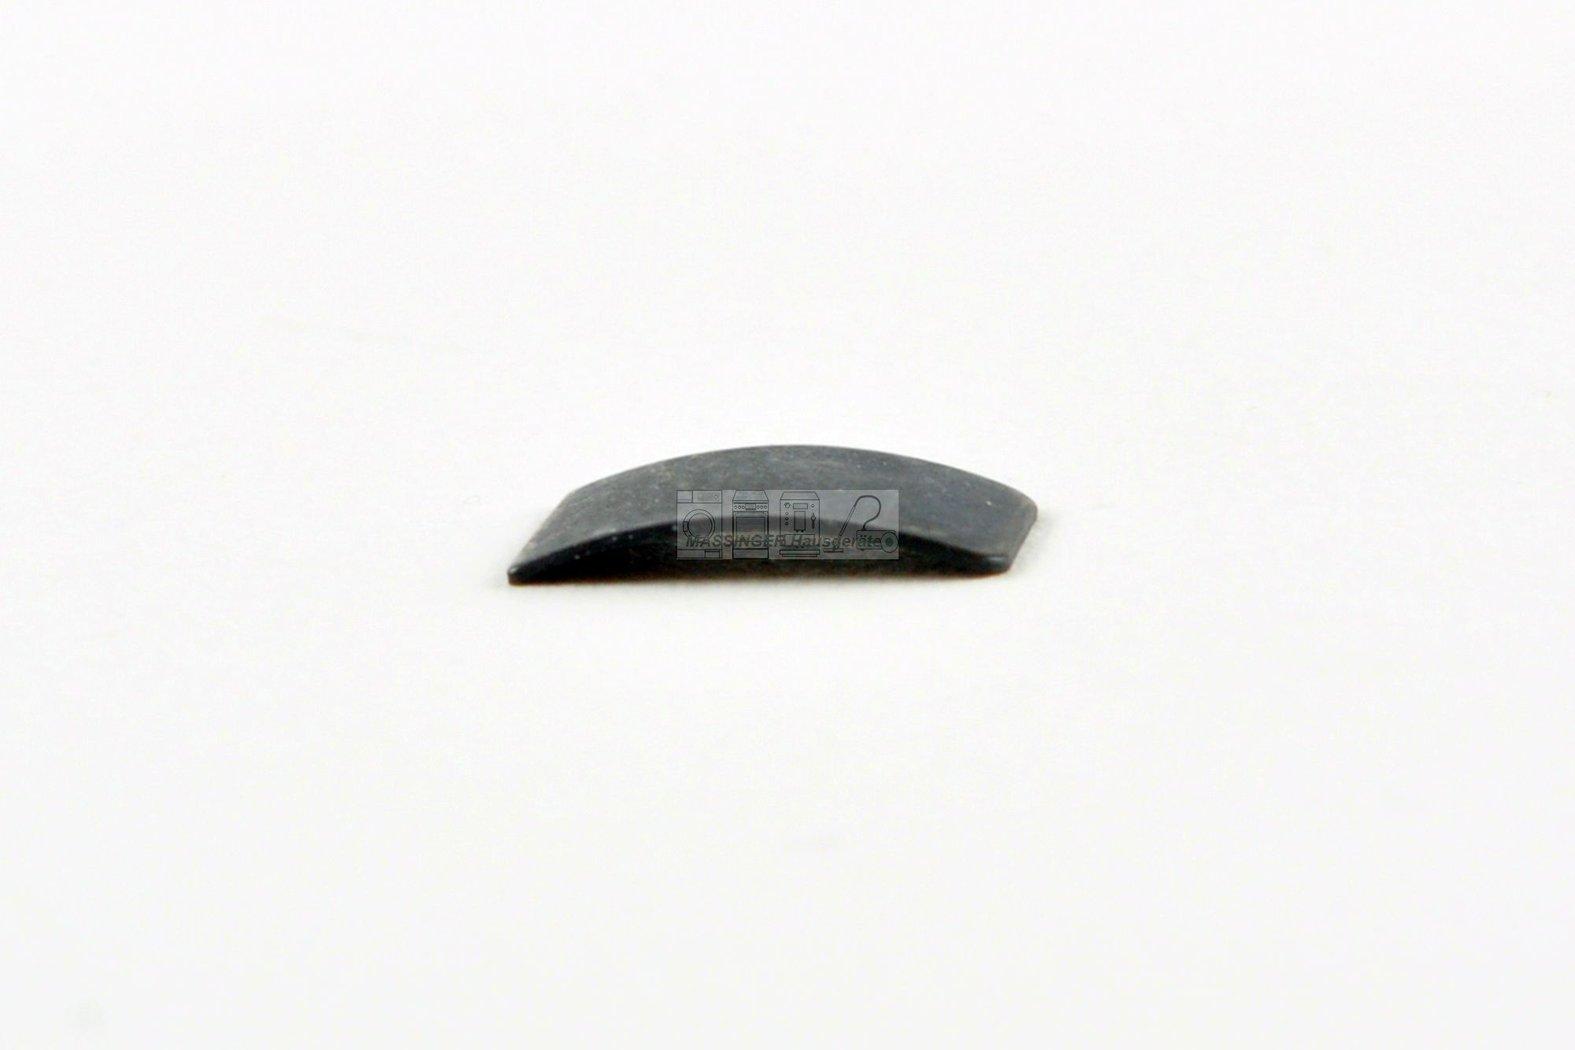 aeg backofen knebelfeder f r drehgriff 12x7 5mm 8996613013003. Black Bedroom Furniture Sets. Home Design Ideas